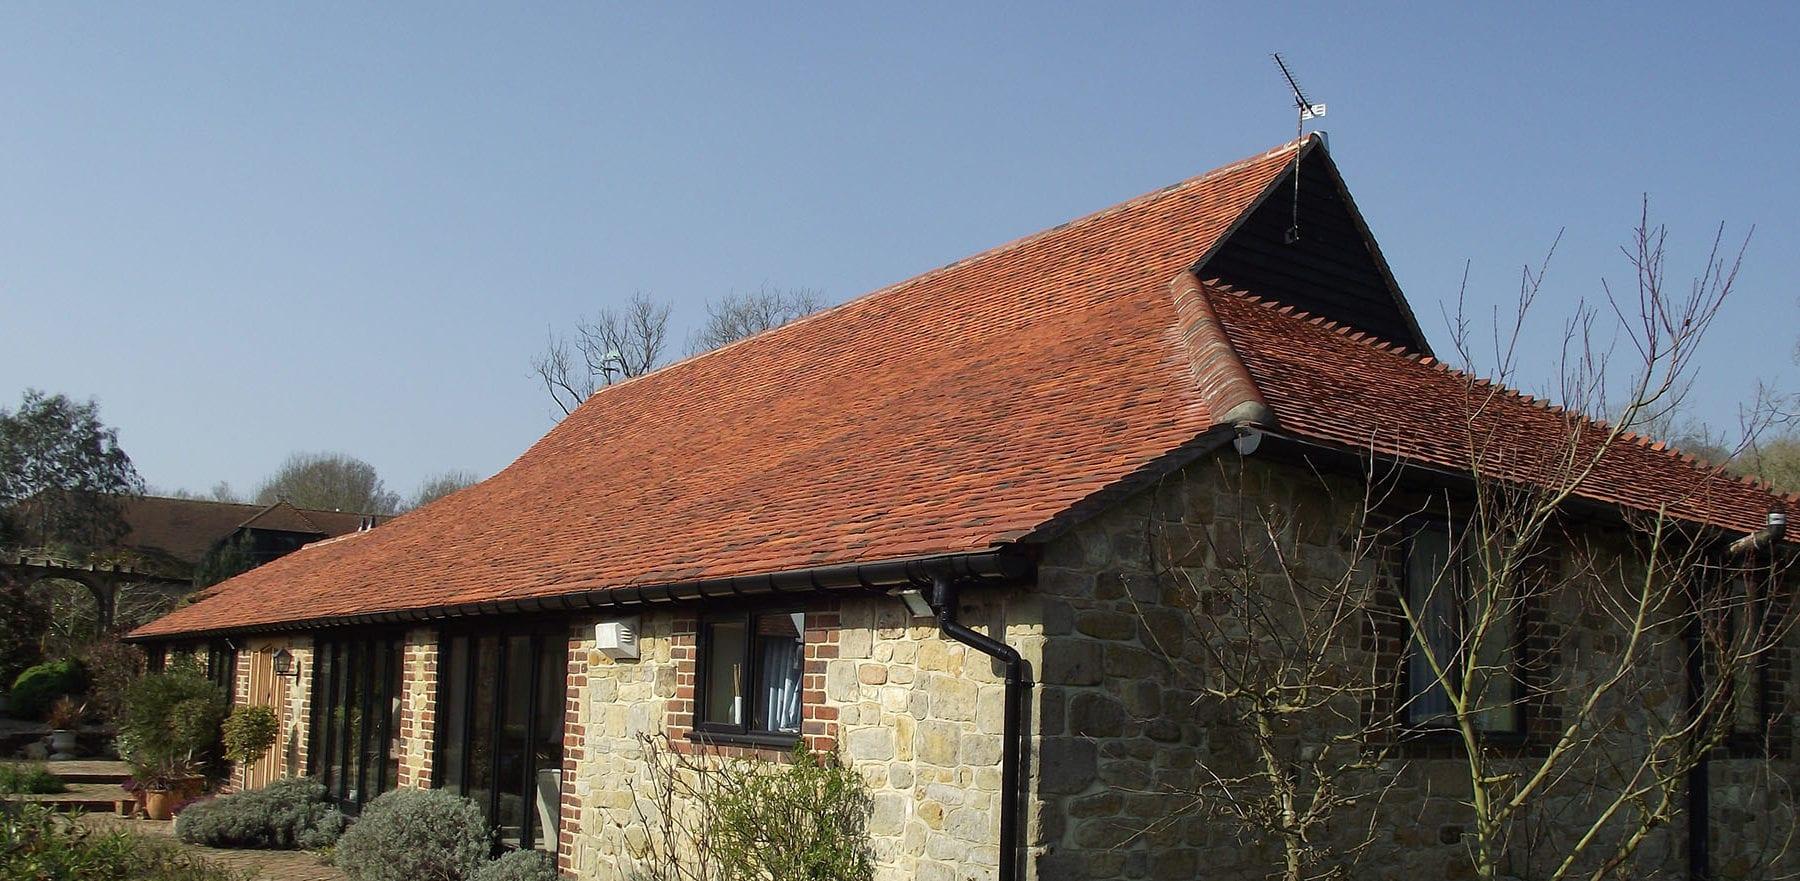 Lifestiles - Handmade Multi Clay Roof Tiles - Fernhurst, England 5